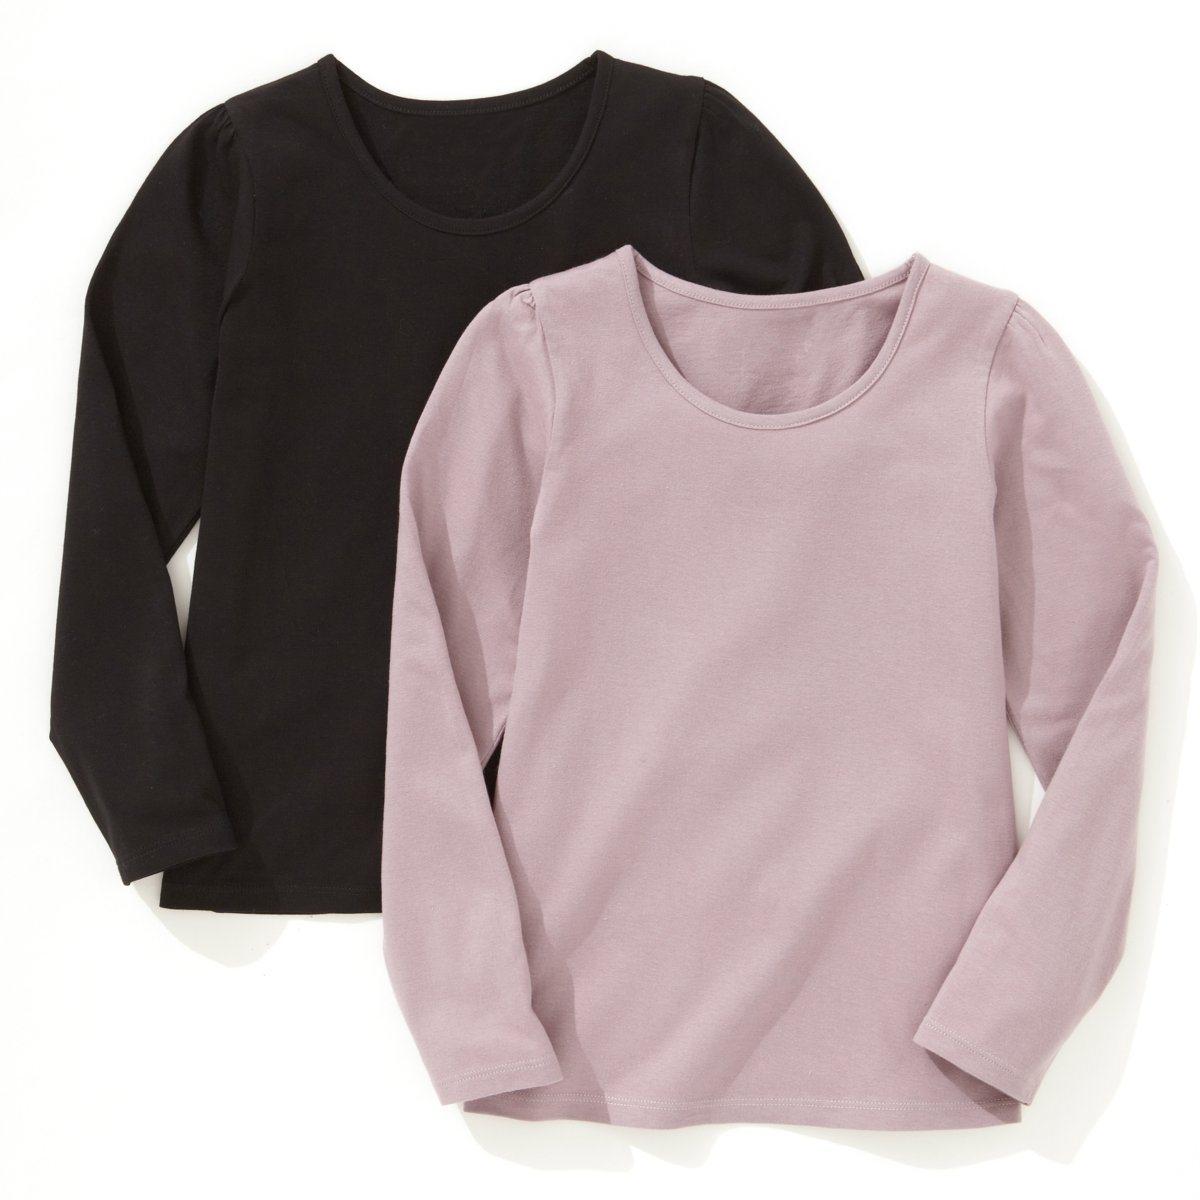 Комплект из 2 однотонных футболок с длинными рукавами на 3-12 лет